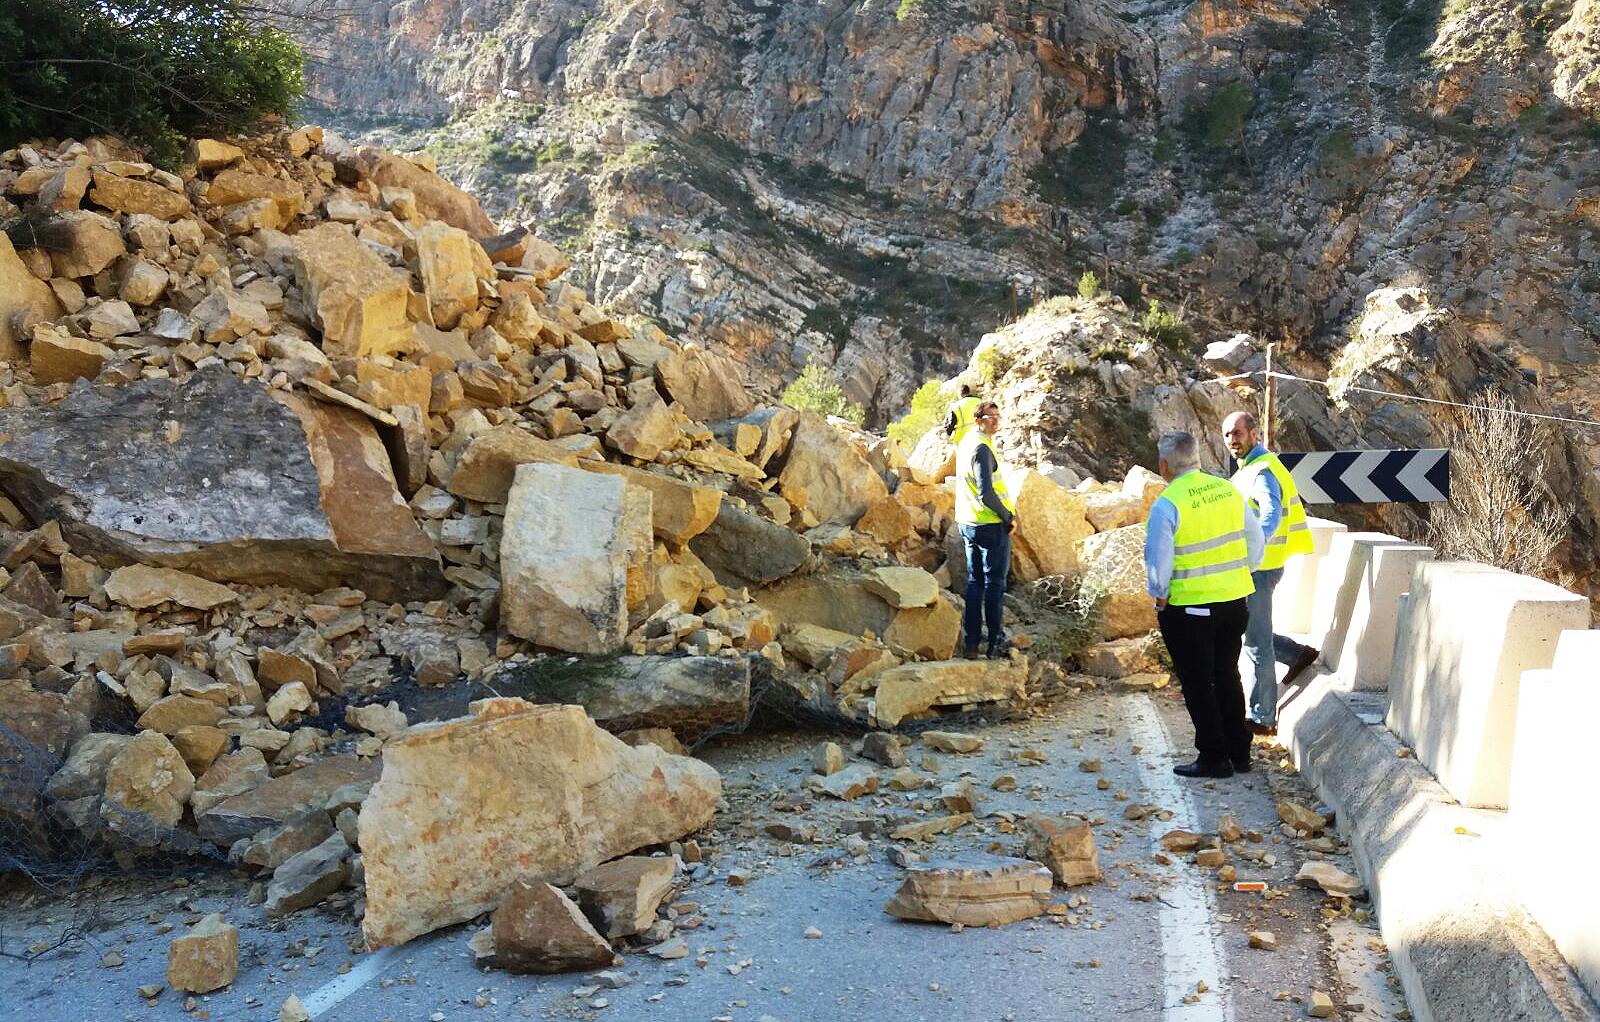 El próximo martes 27 de diciembre se reanudarán los trabajos de acondicionamiento de la vía para su puesta a punto definitiva.